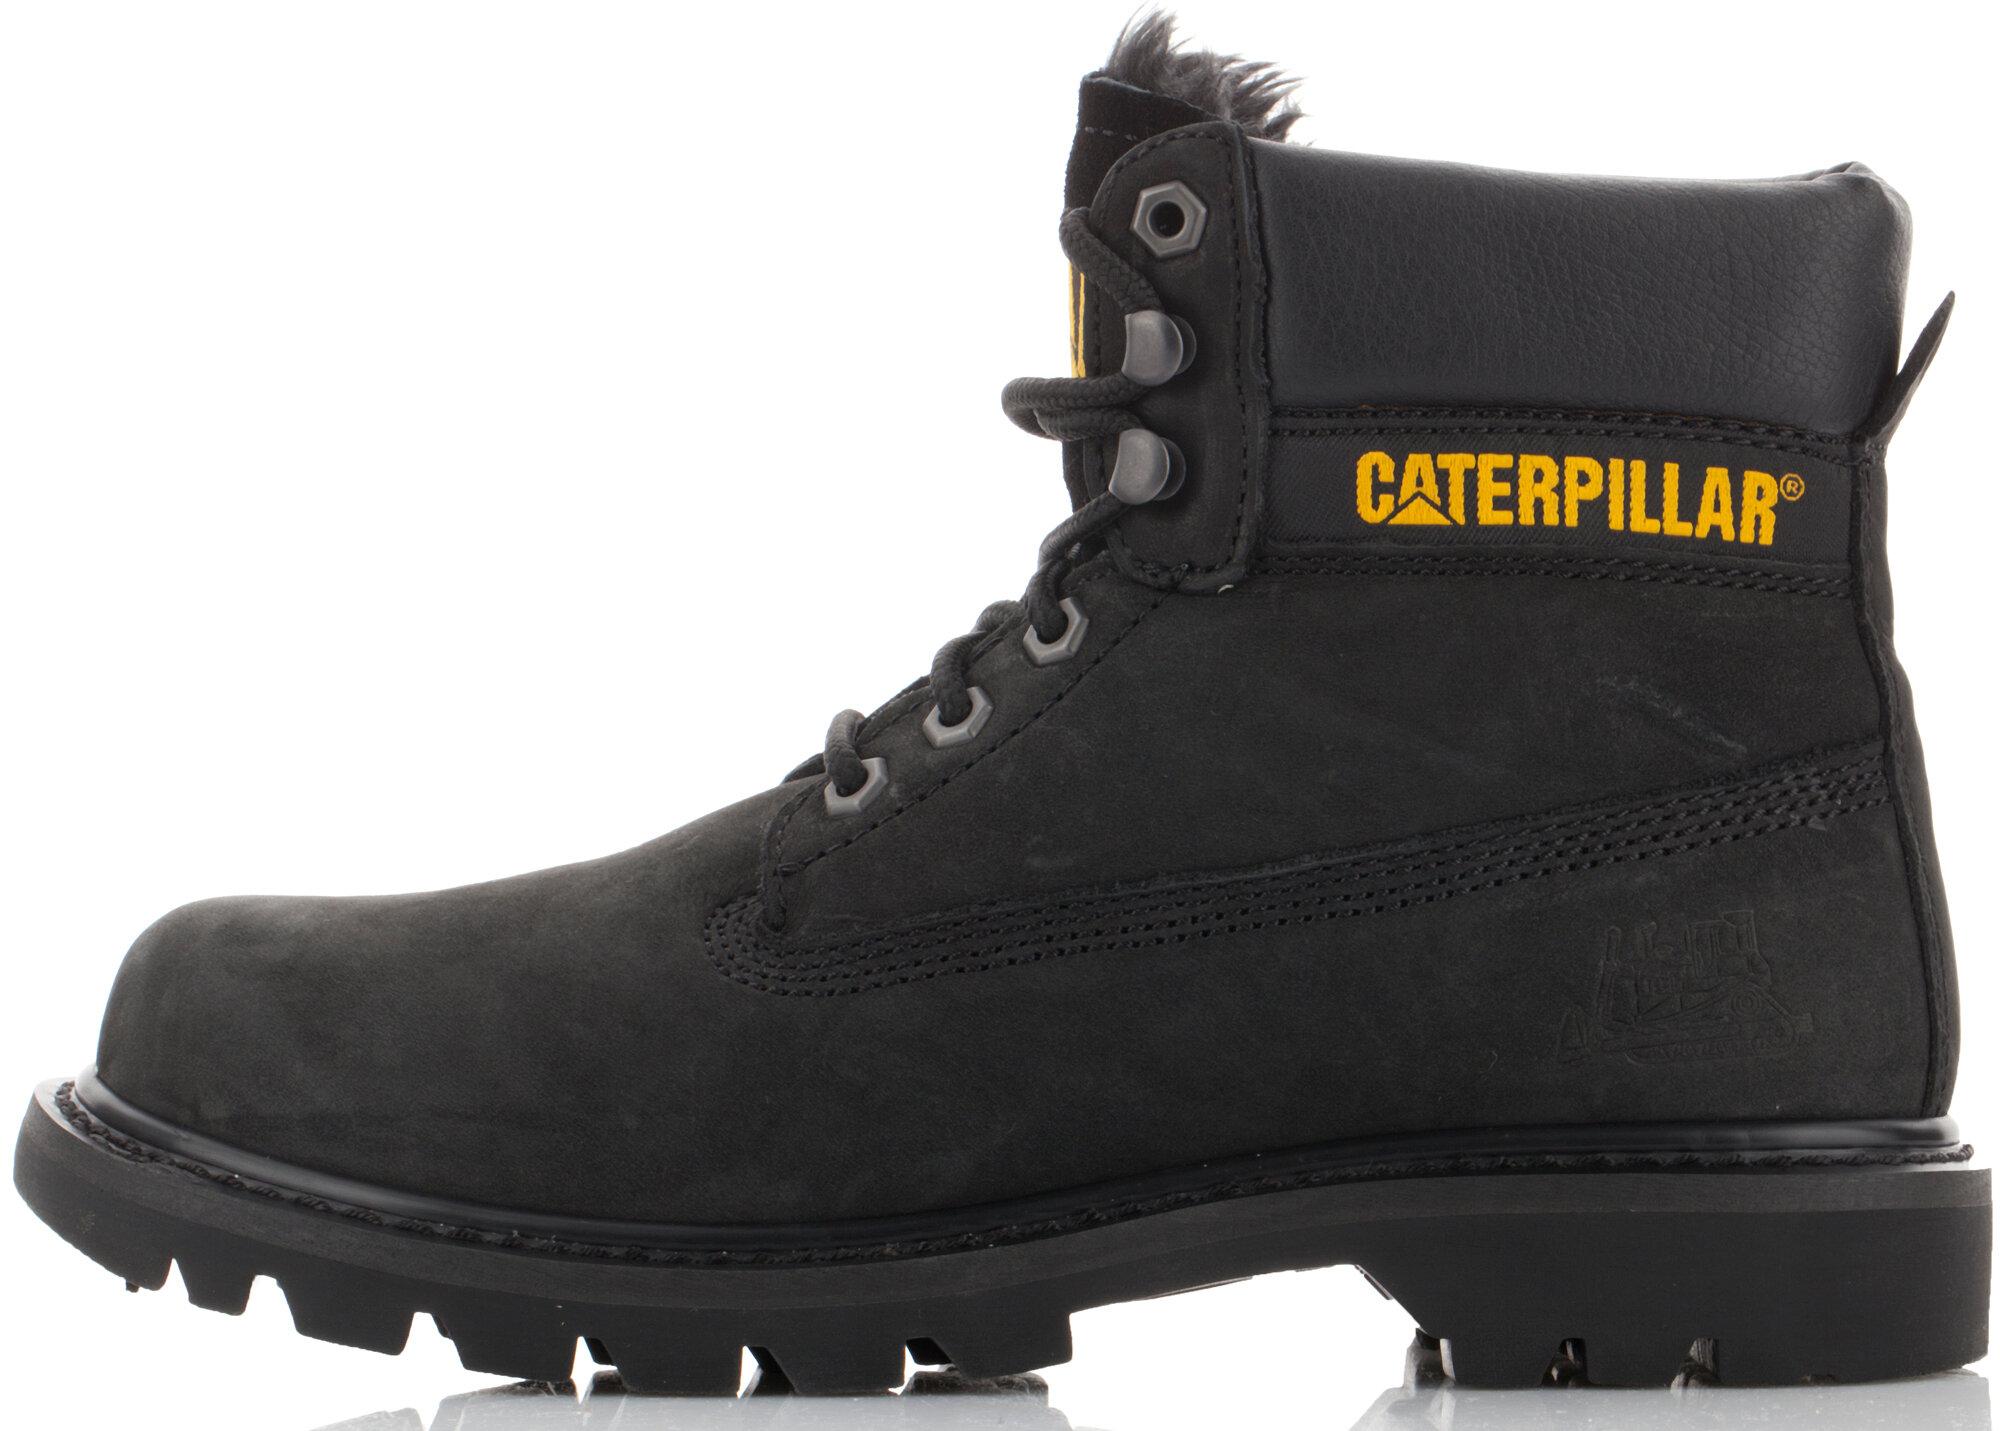 6add43d8f Купить мужские ботинки утепленные caterpillar по низкой цене в ...